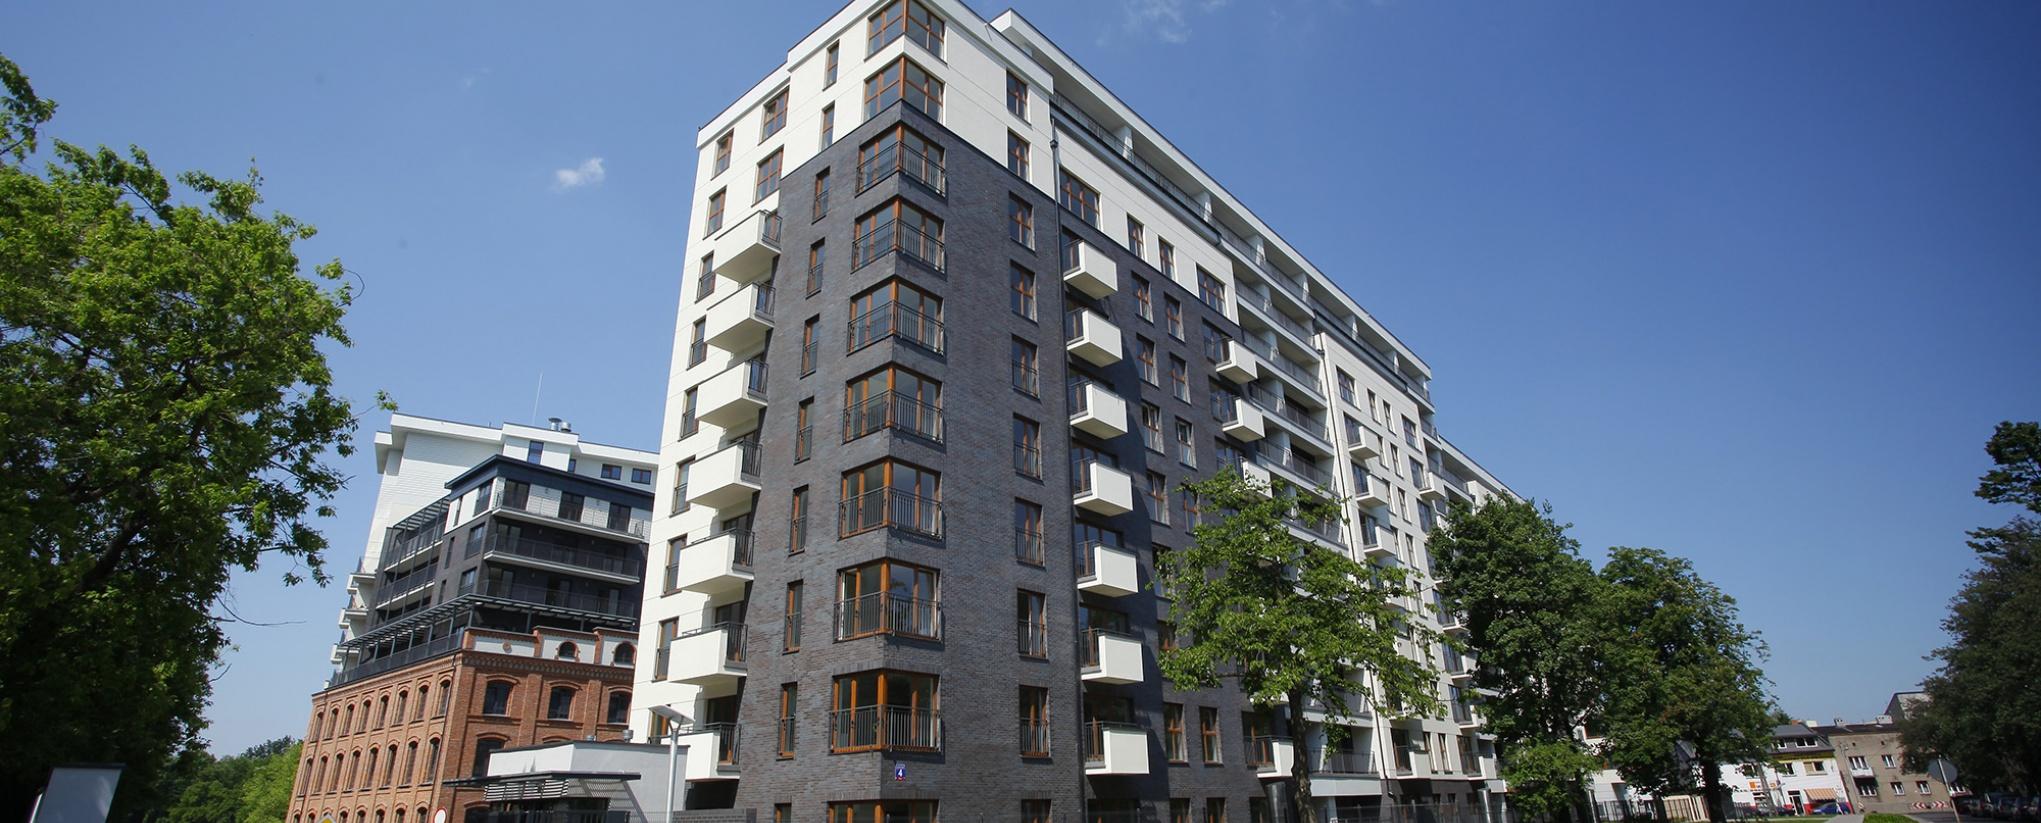 Łódź,Apartamenty,ul. Łukasińskiego 4,1011